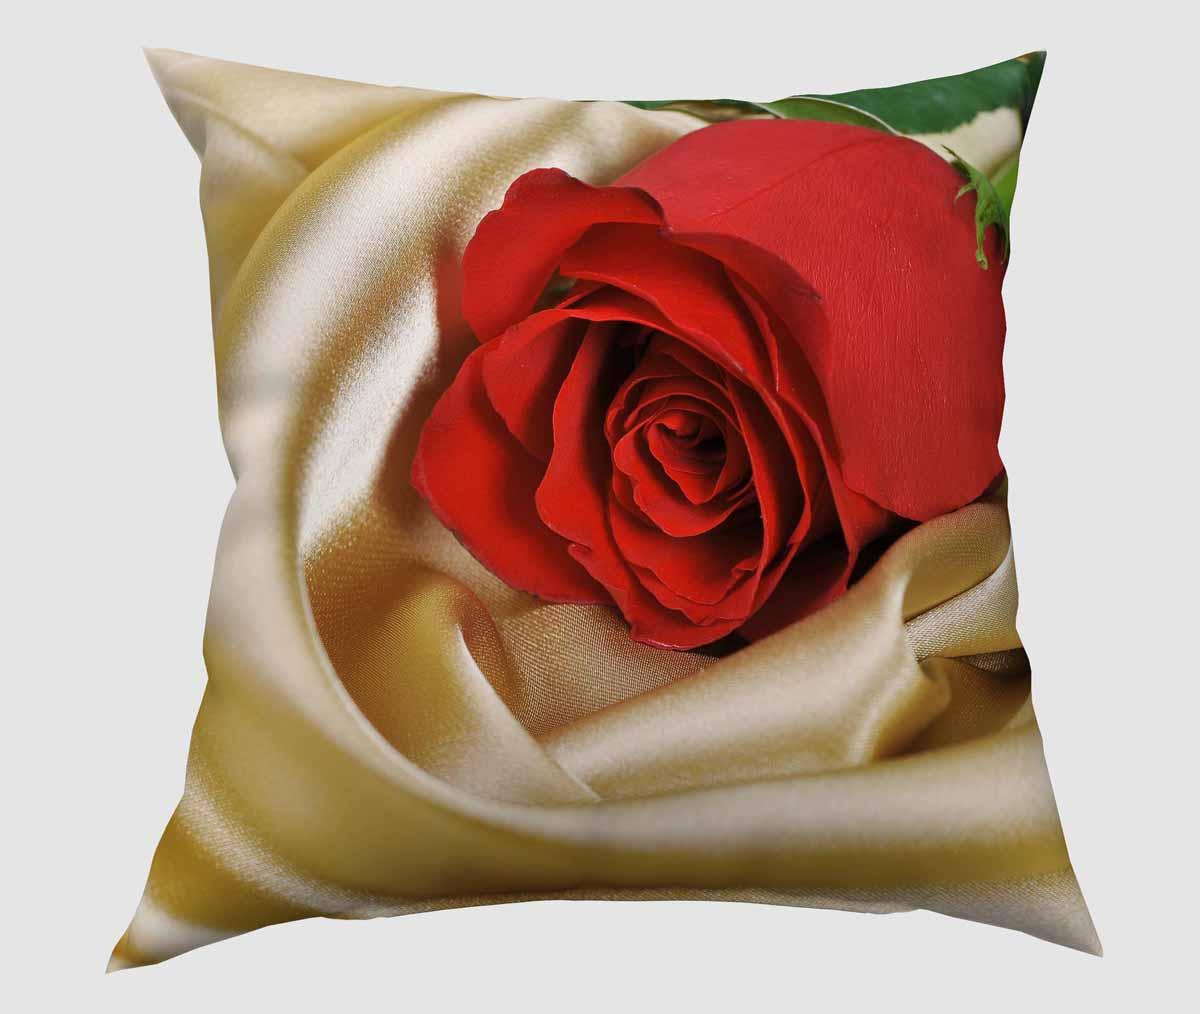 Подушка декоративная Сирень Красная роза, 40 х 40 смUP105DДекоративная подушка Сирень Красная роза, изготовленная из габардина (100% полиэстер), прекрасно дополнит интерьер спальни или гостиной. Подушка оформлена красочным изображением. Внутри - мягкий наполнитель из холлофайбера (100% полиэстер). Красивая подушка создаст атмосферу тепла и уюта в спальне и станет прекрасным элементом декора.